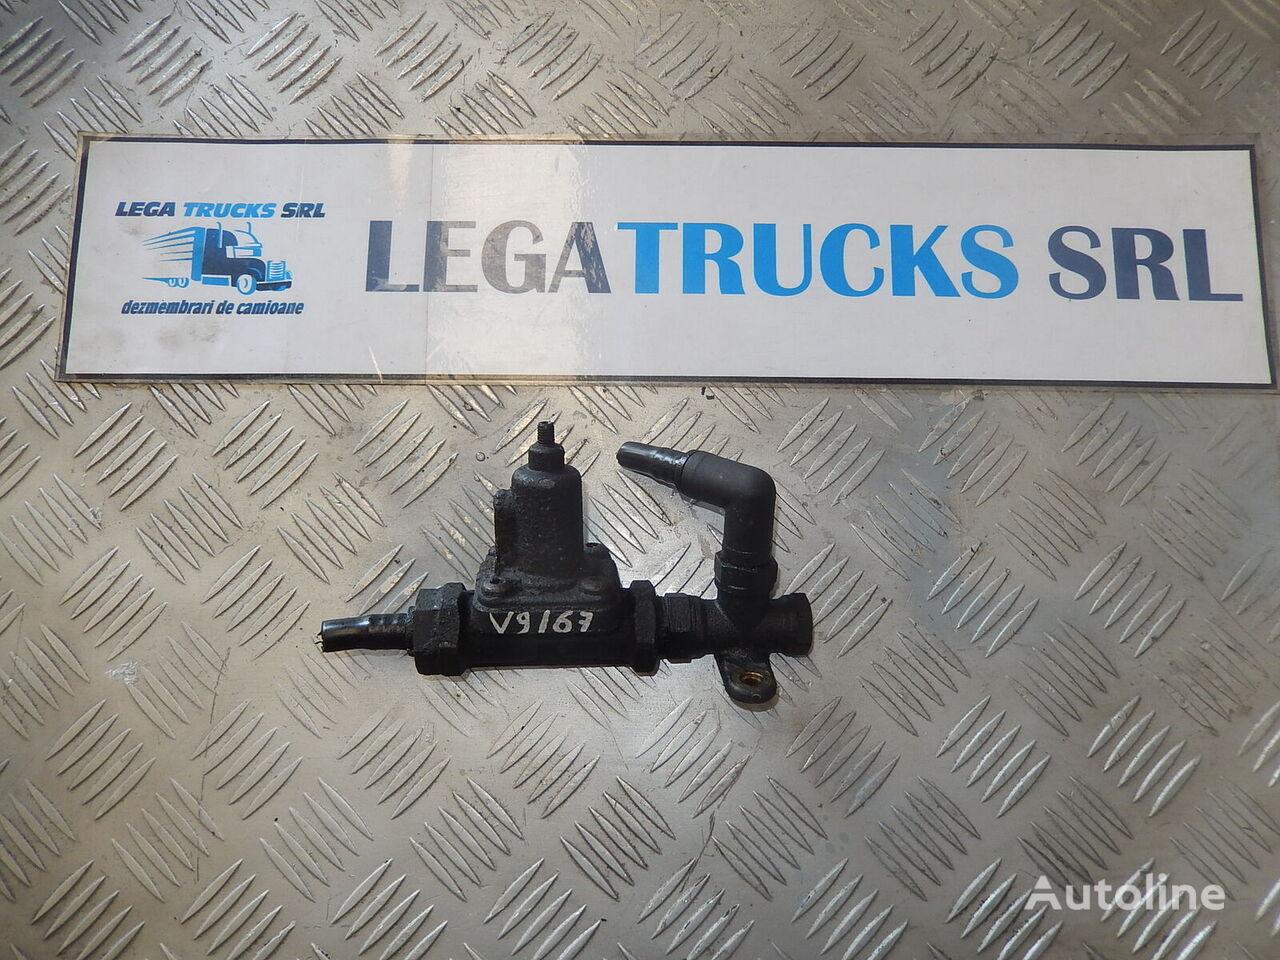 VOLVO Supapa supraplin FH13 / V9/67 / 3181897 4341001300 válvula neumática para VOLVO fh tractora